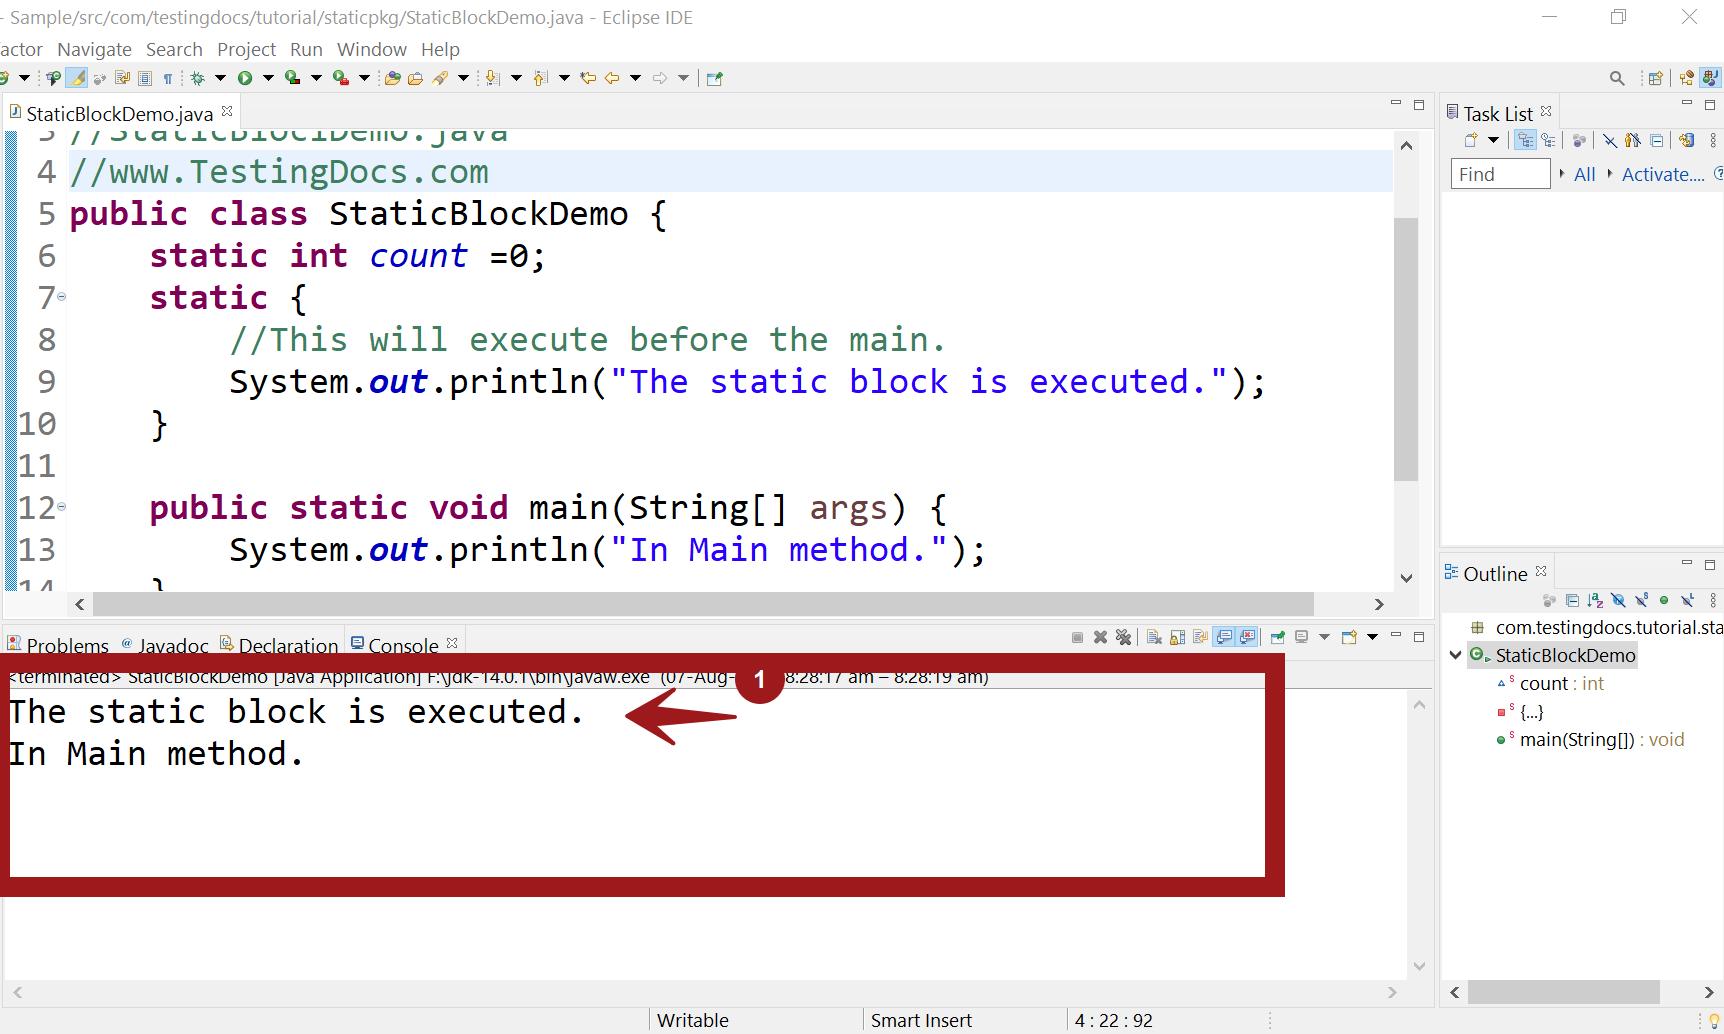 Static block Demo Java